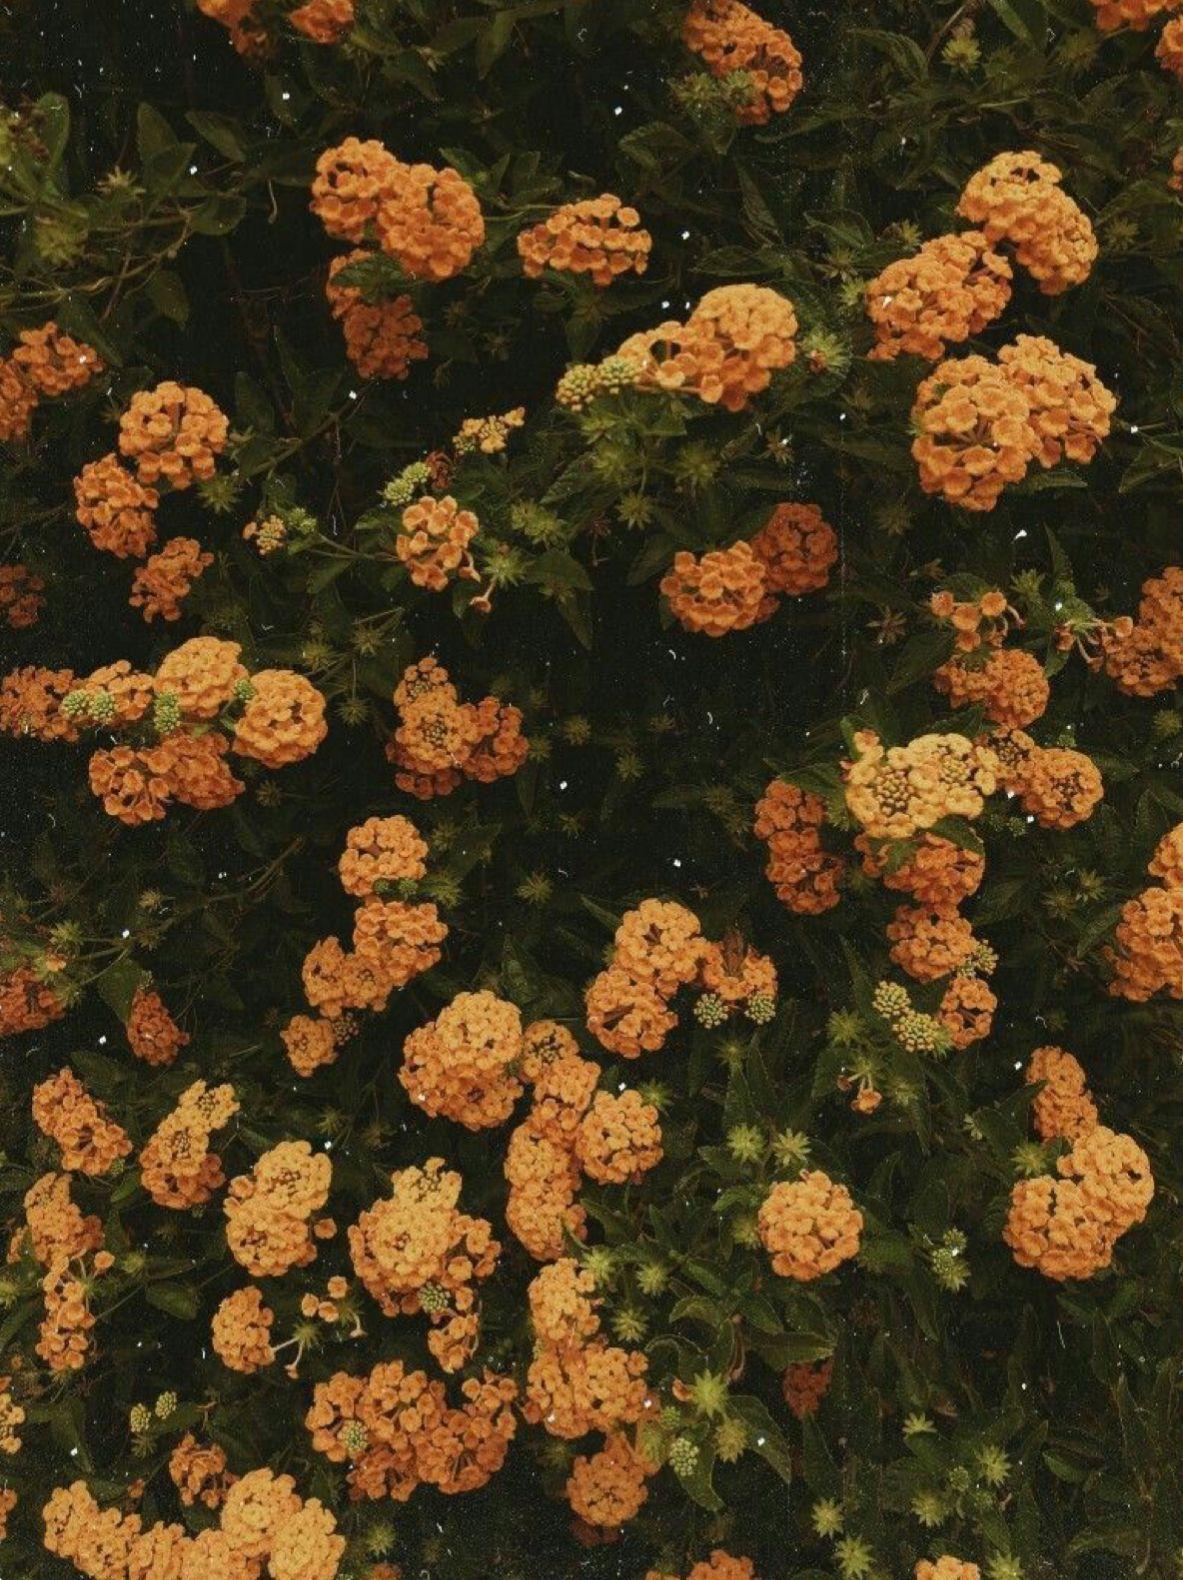 Pinterest Joyful Grace Flower Aesthetic Aesthetic Wallpapers